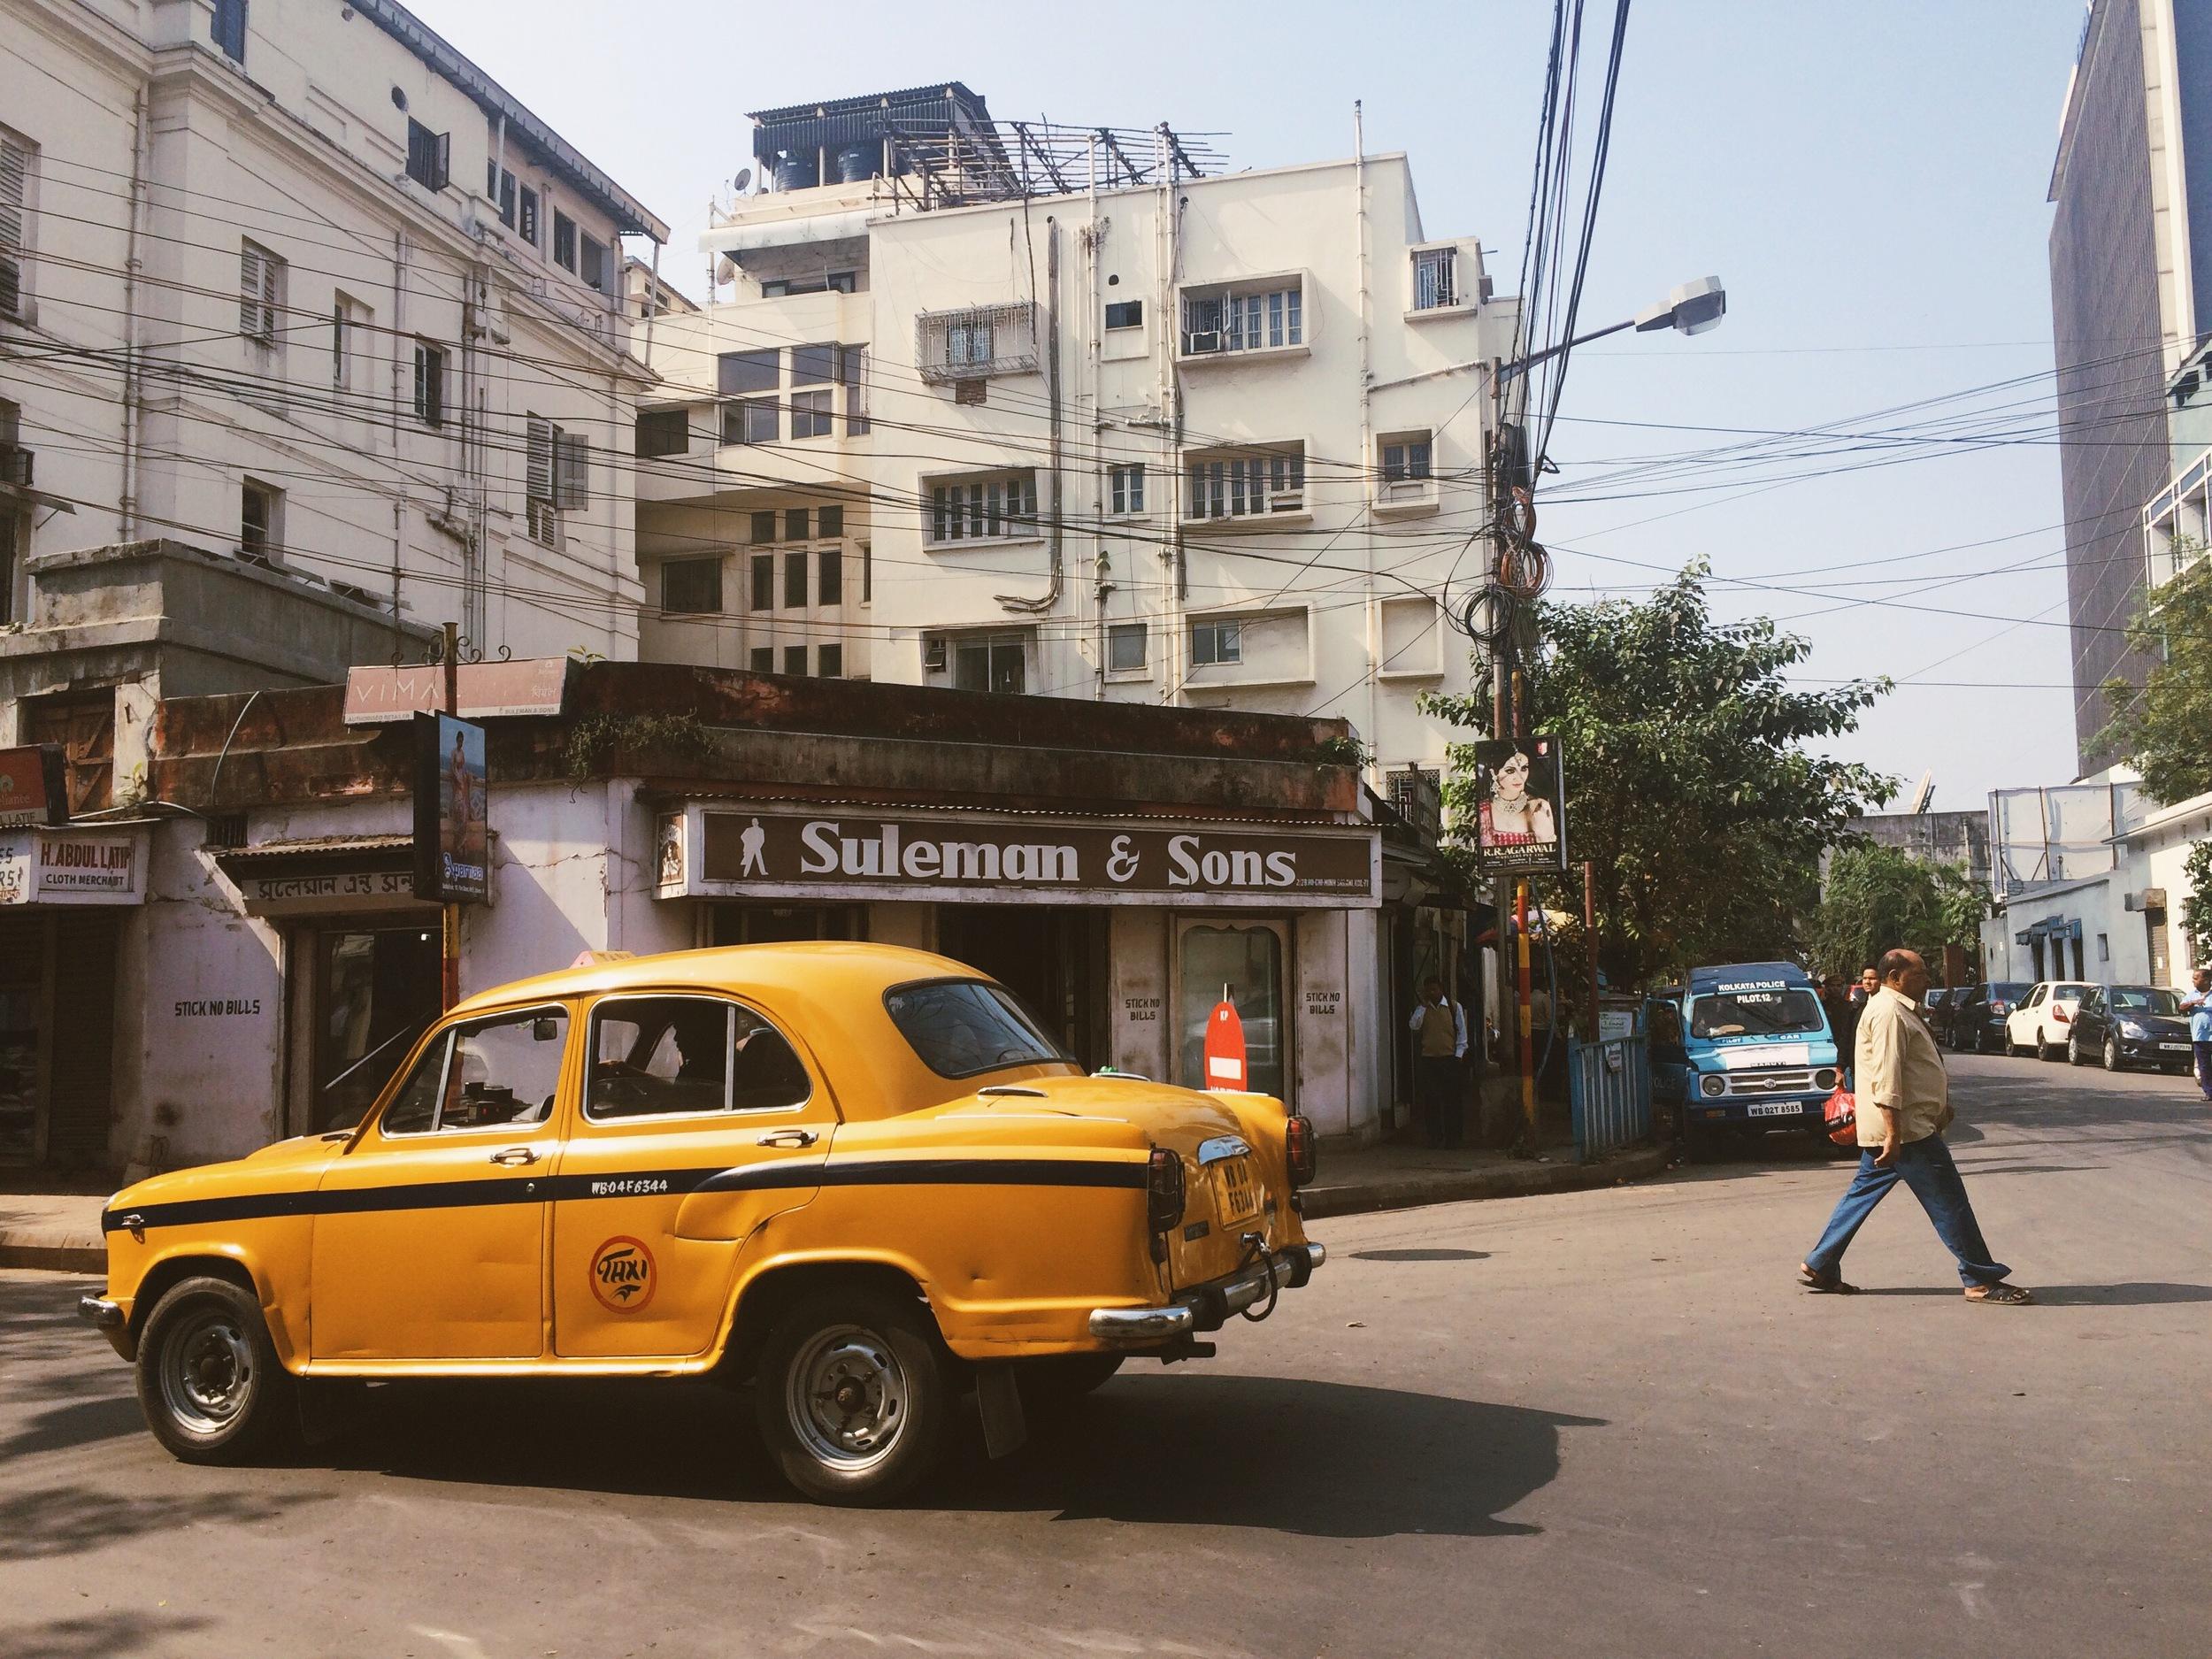 A tailors shop